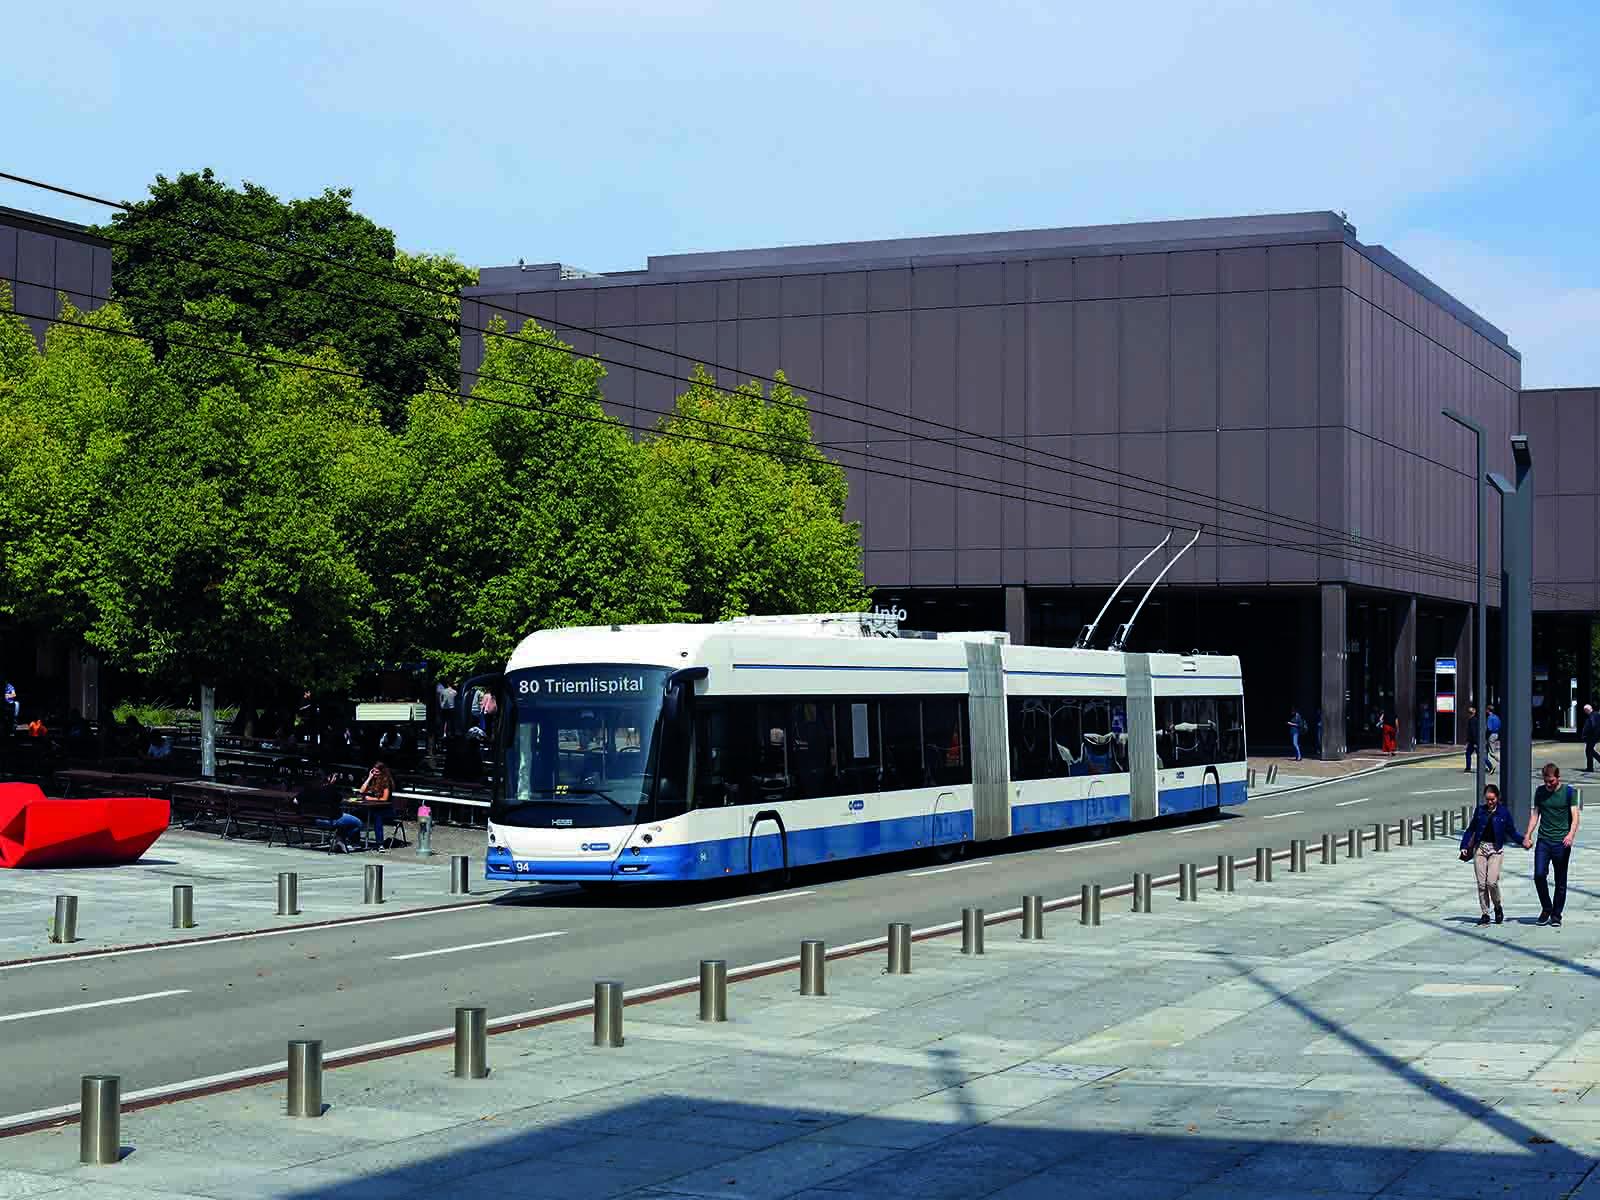 Visualisierung eines Doppelgelenktrolleybusses auf der Linie 80